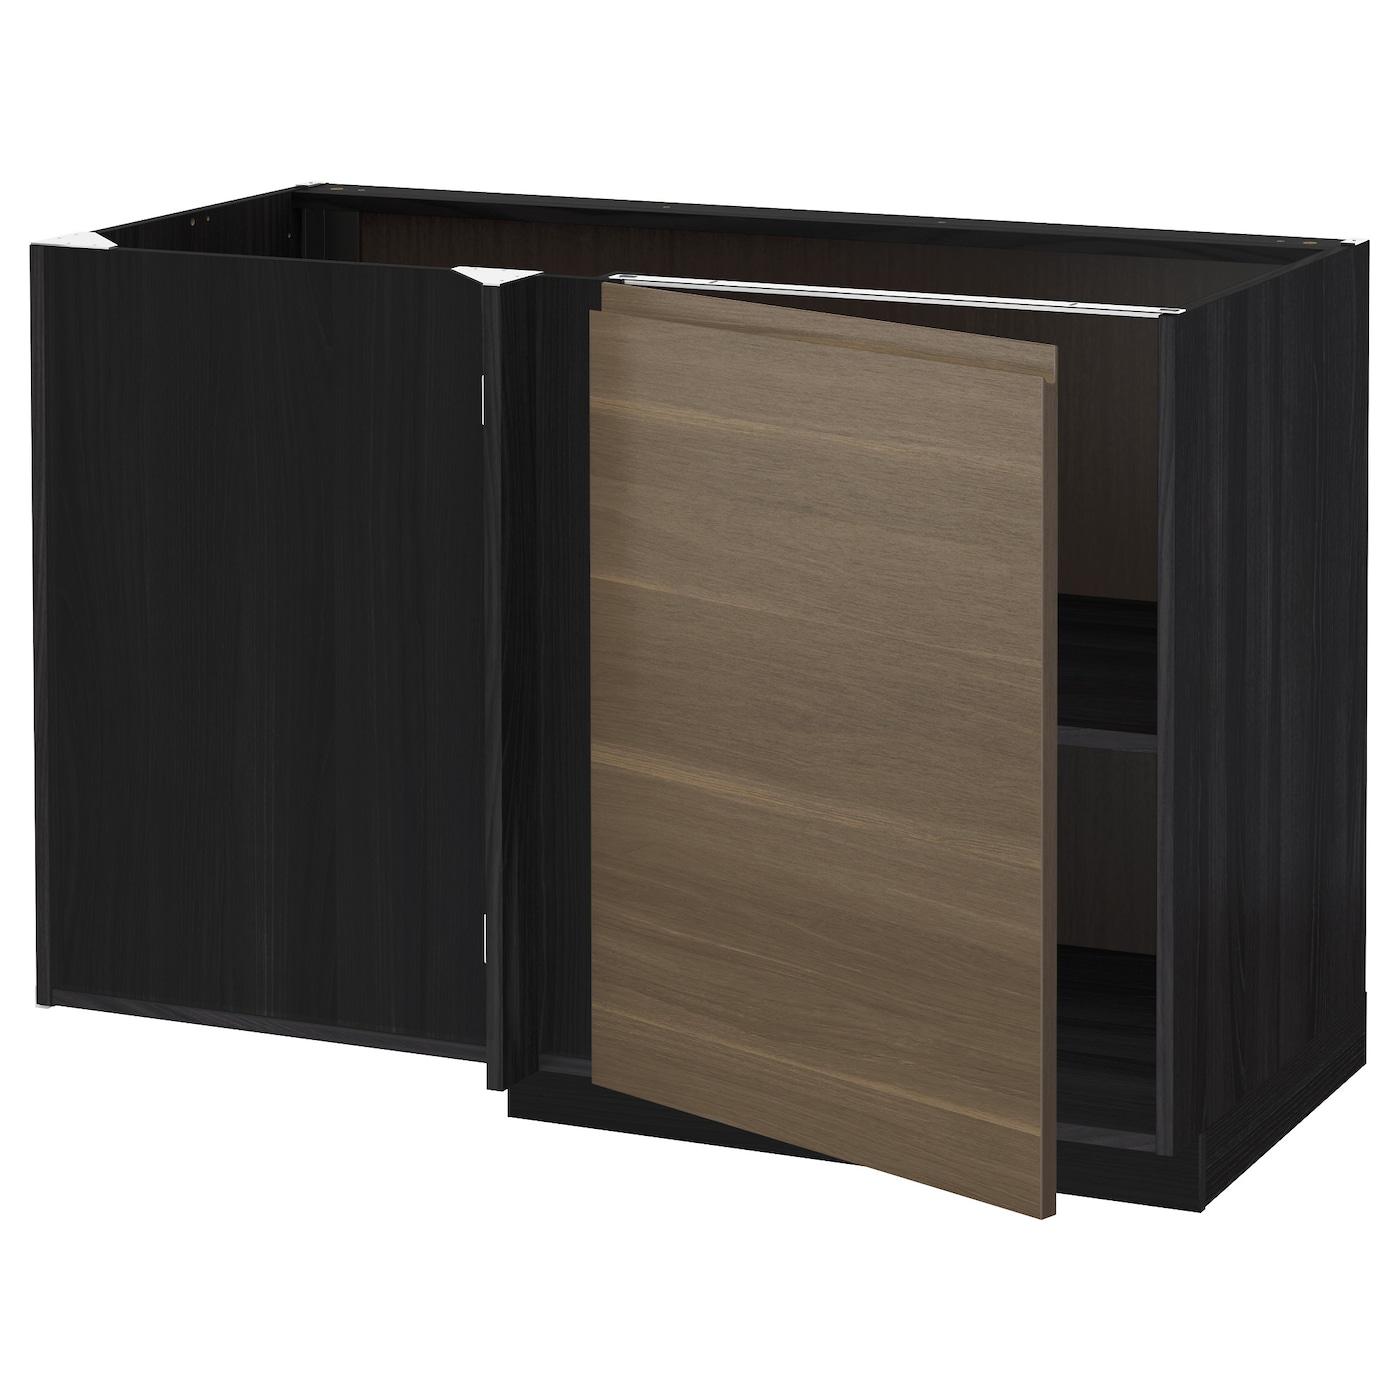 METOD, Eckunterschrank mit Boden, schwarz 491.157.97